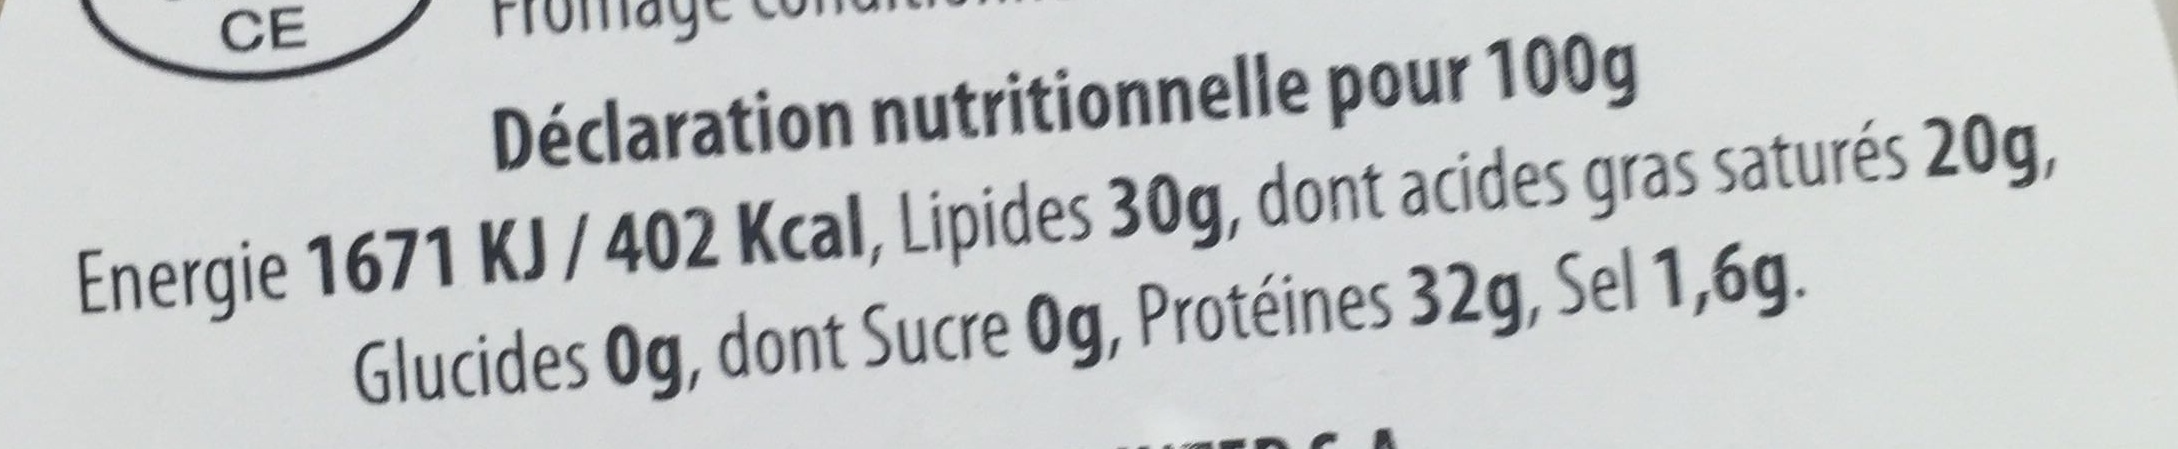 dés de parmigiano reggiano - Nutrition facts